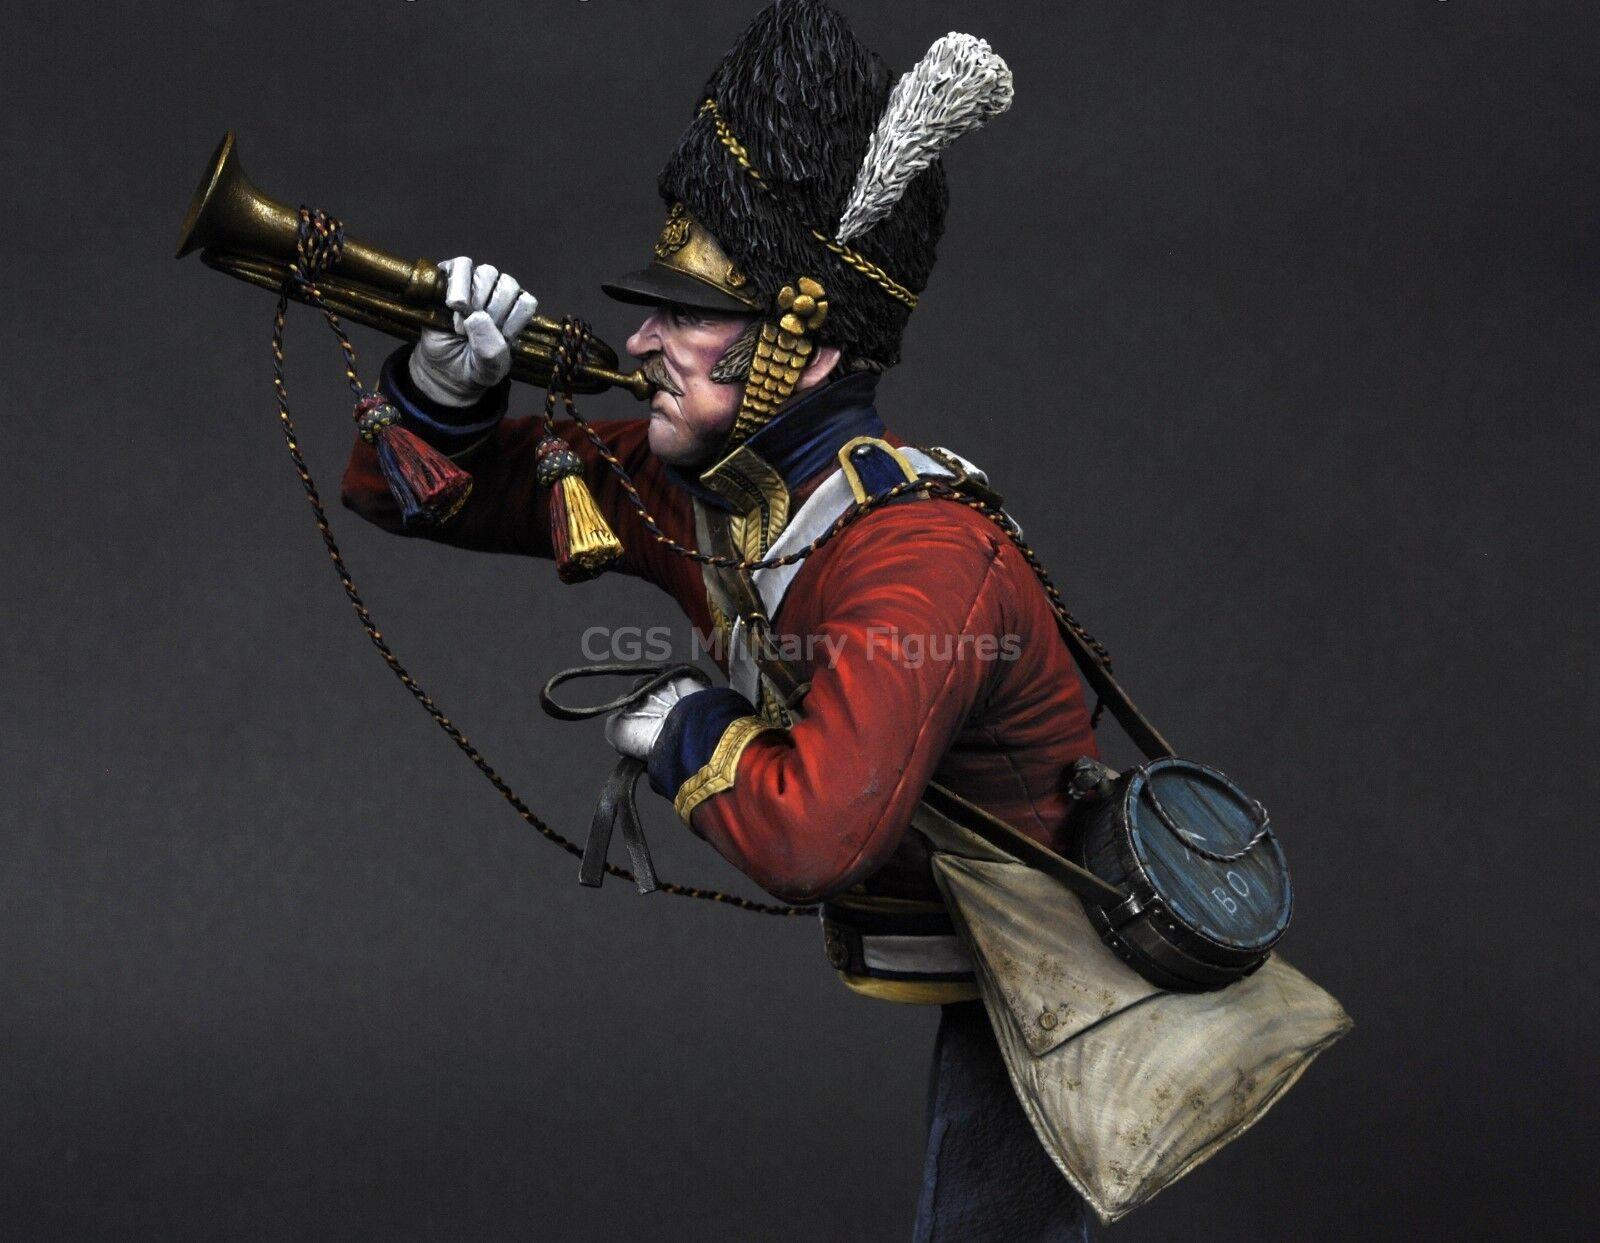 CGS Trumpeter Scots Greys Waterloo 1815 1 9th Bust Unpainted kit CARL REID